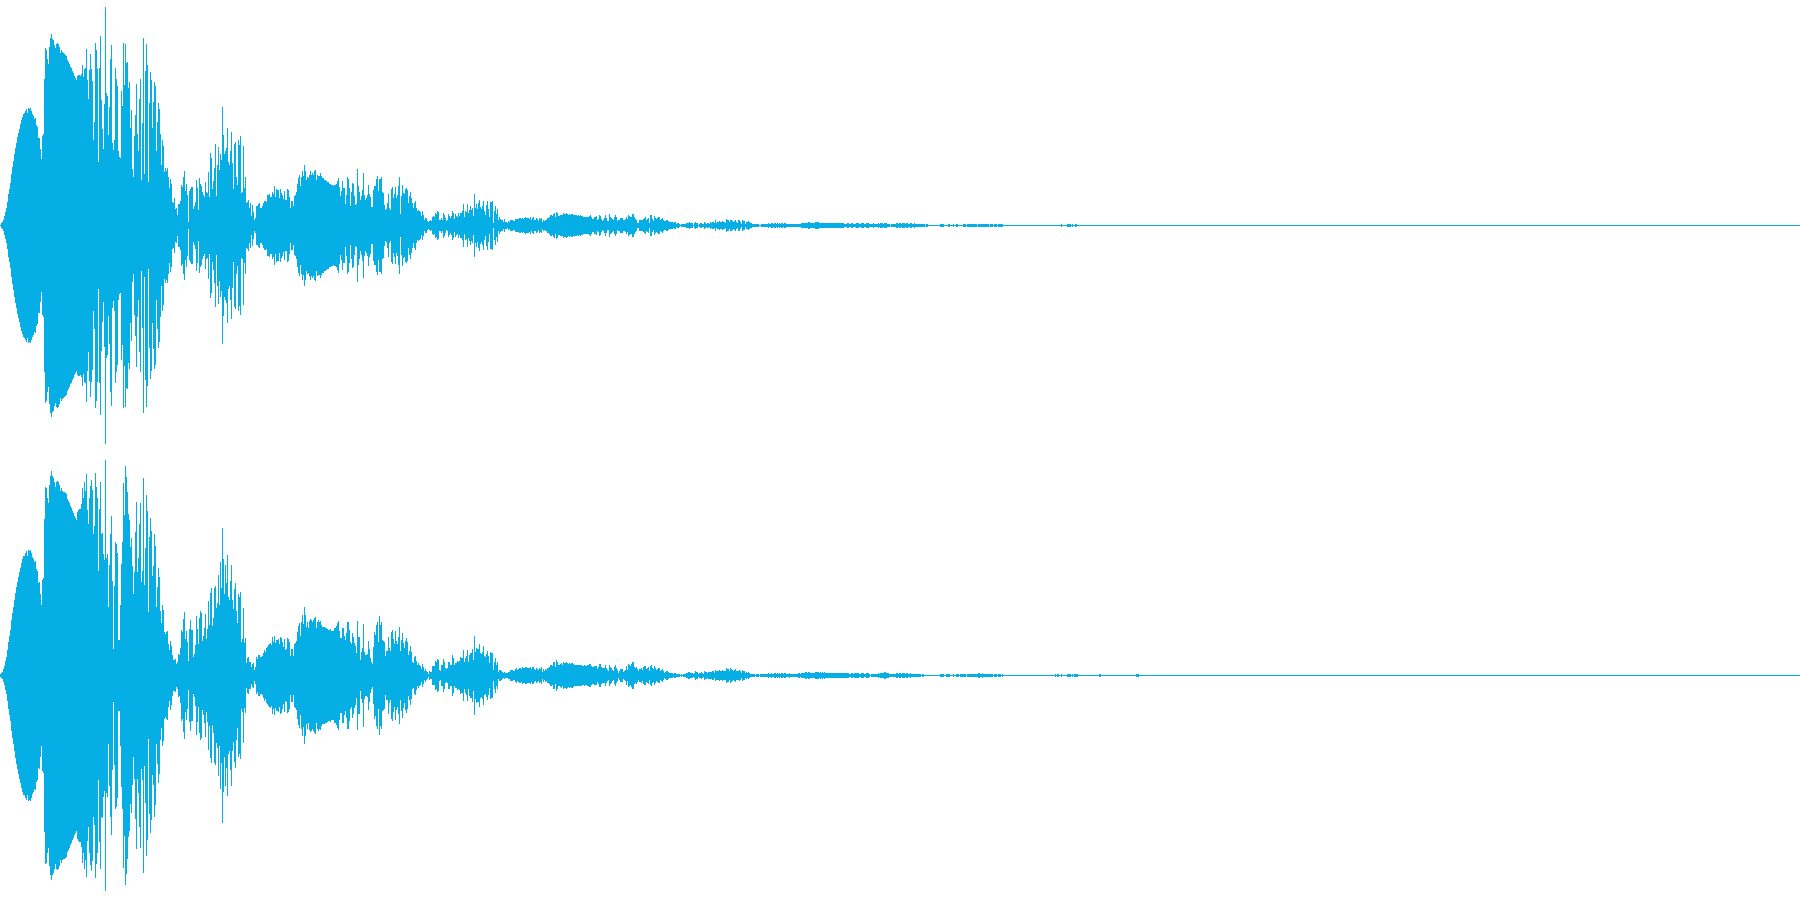 ポヨン♪ 柔らかさや弾力をイメージした音の再生済みの波形